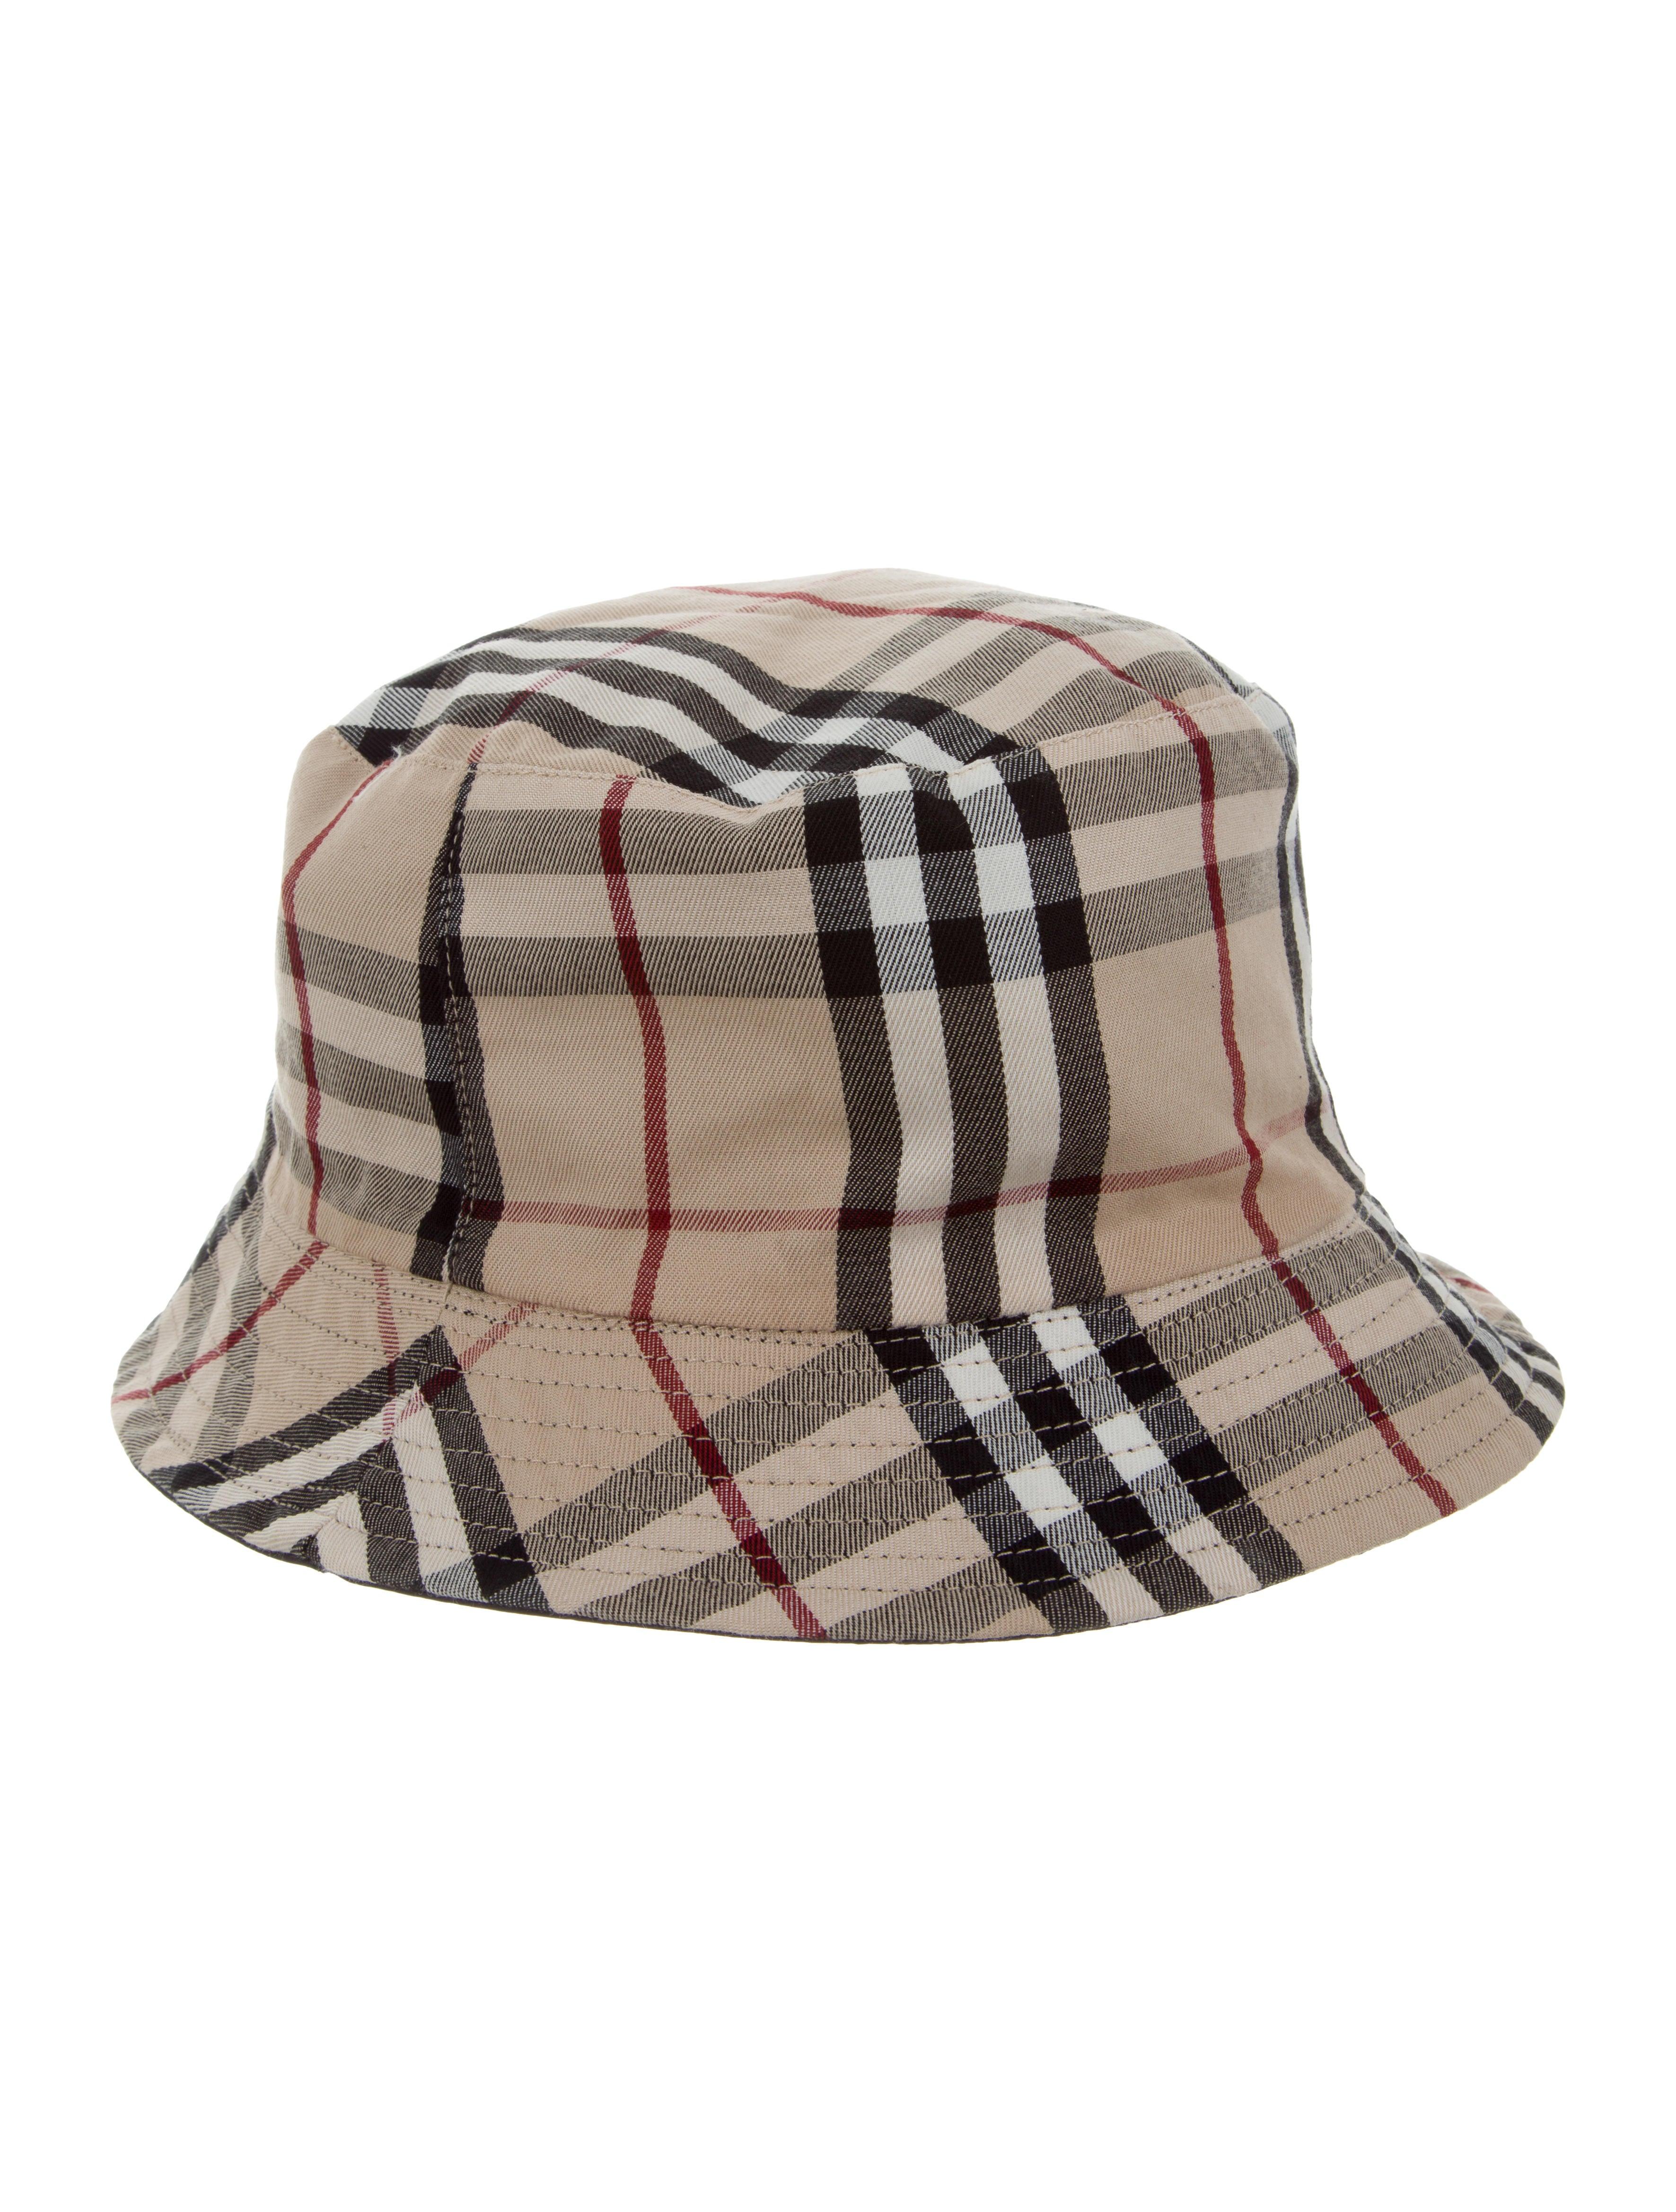 0ddf3836e6e Burberry Nova Check Bucket Hat - Accessories - BUR82556